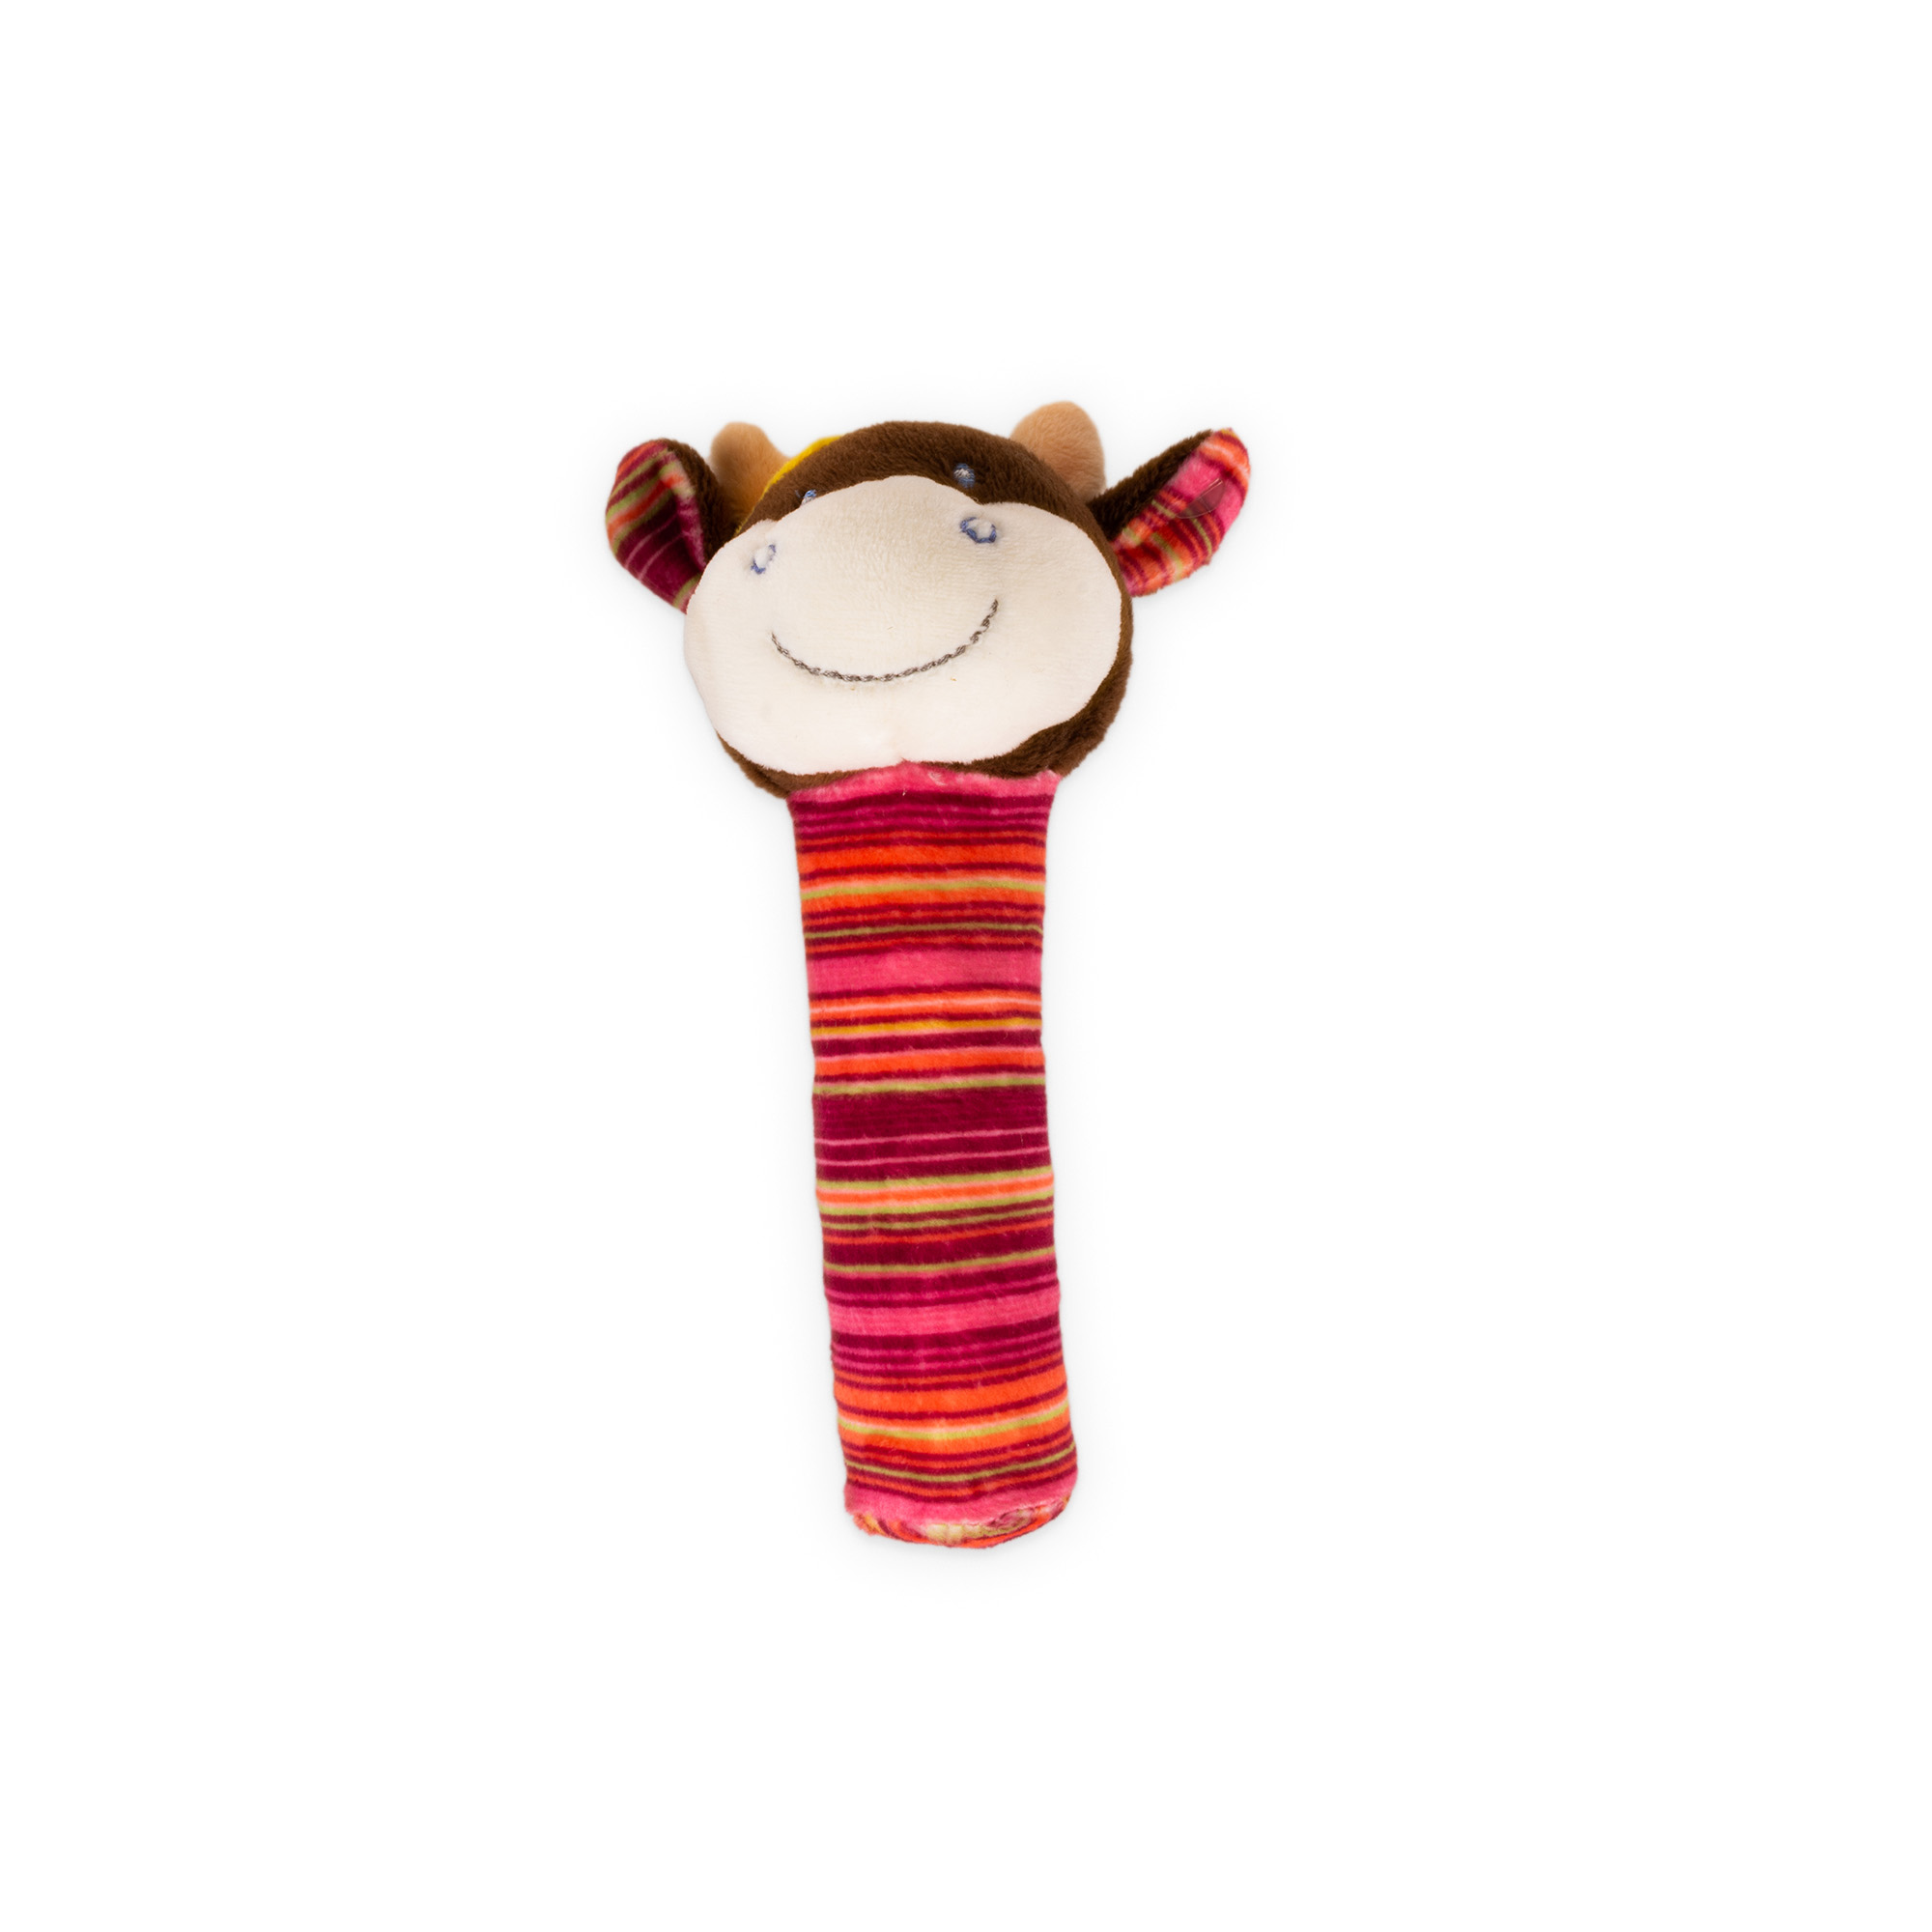 Bobobiz Pískací hračka - kravička